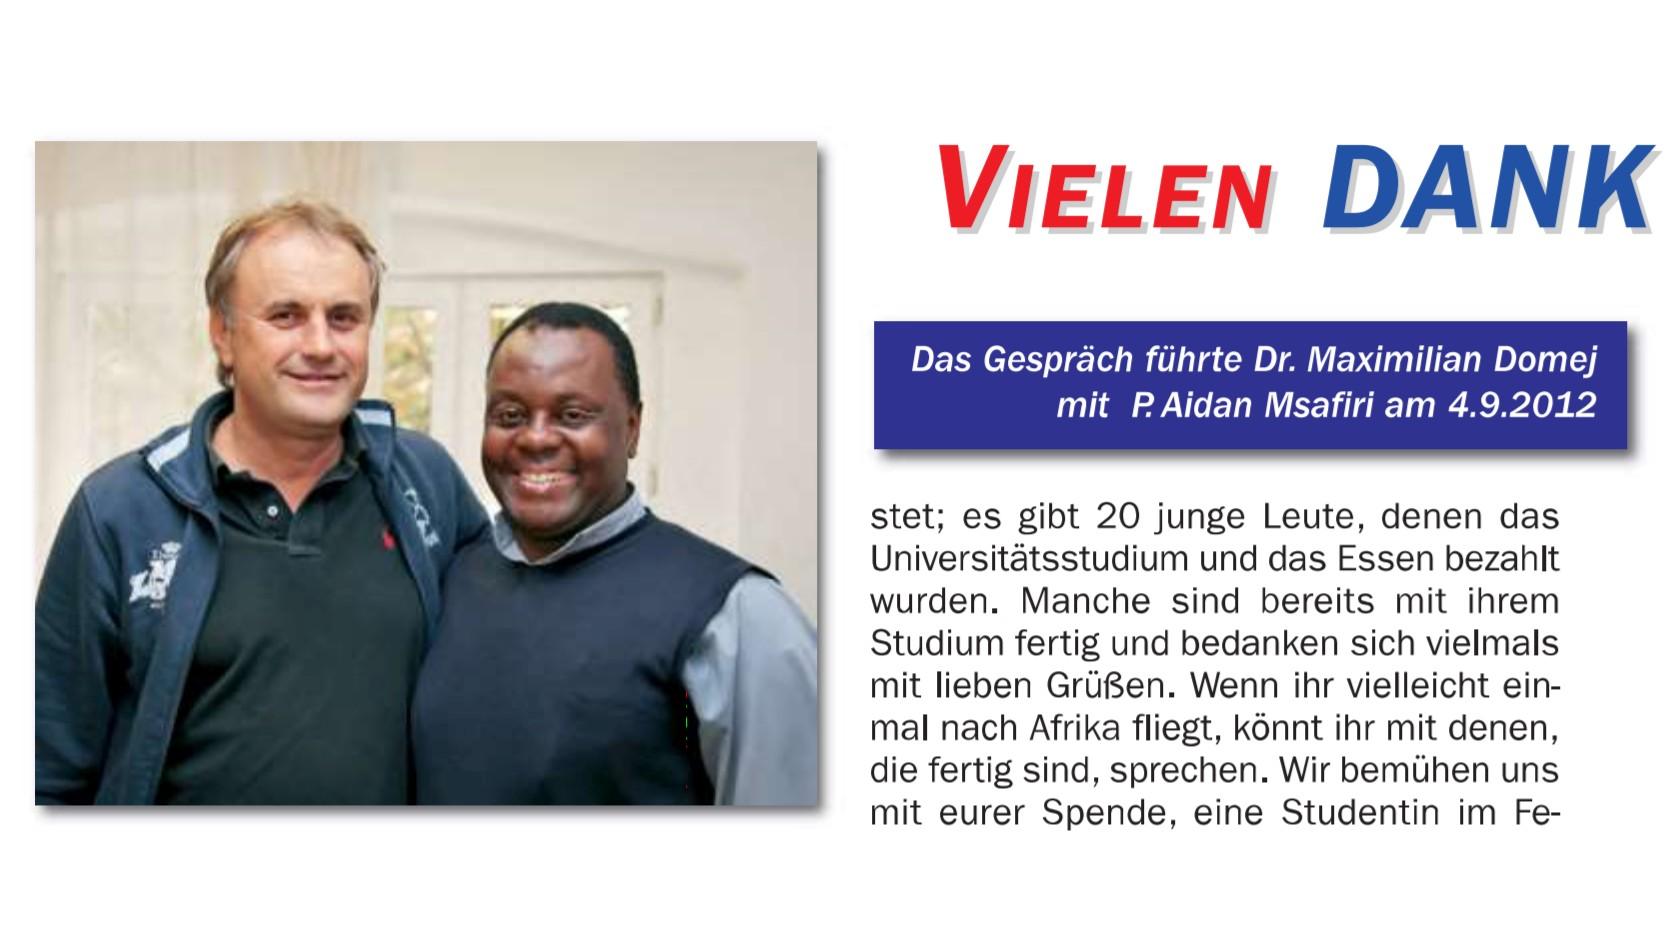 Hilfsprojekt Licht Mariens 2012